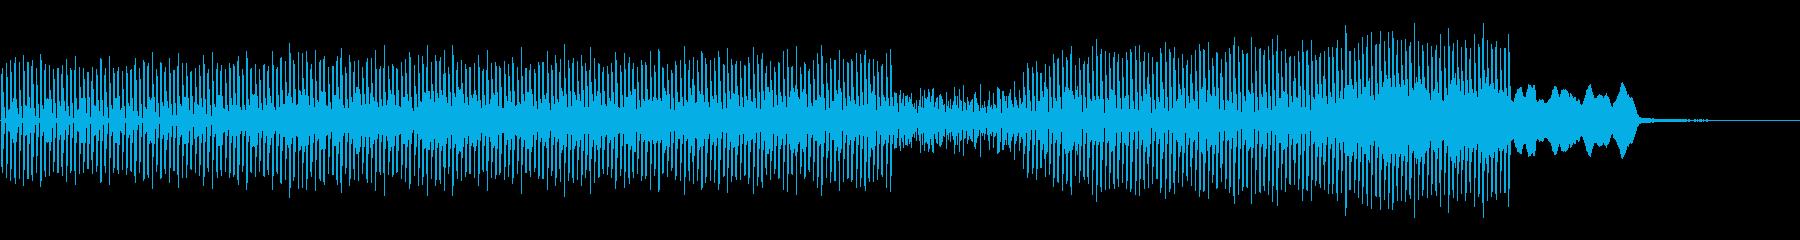 電子楽器。期待感のあるロボット的で...の再生済みの波形